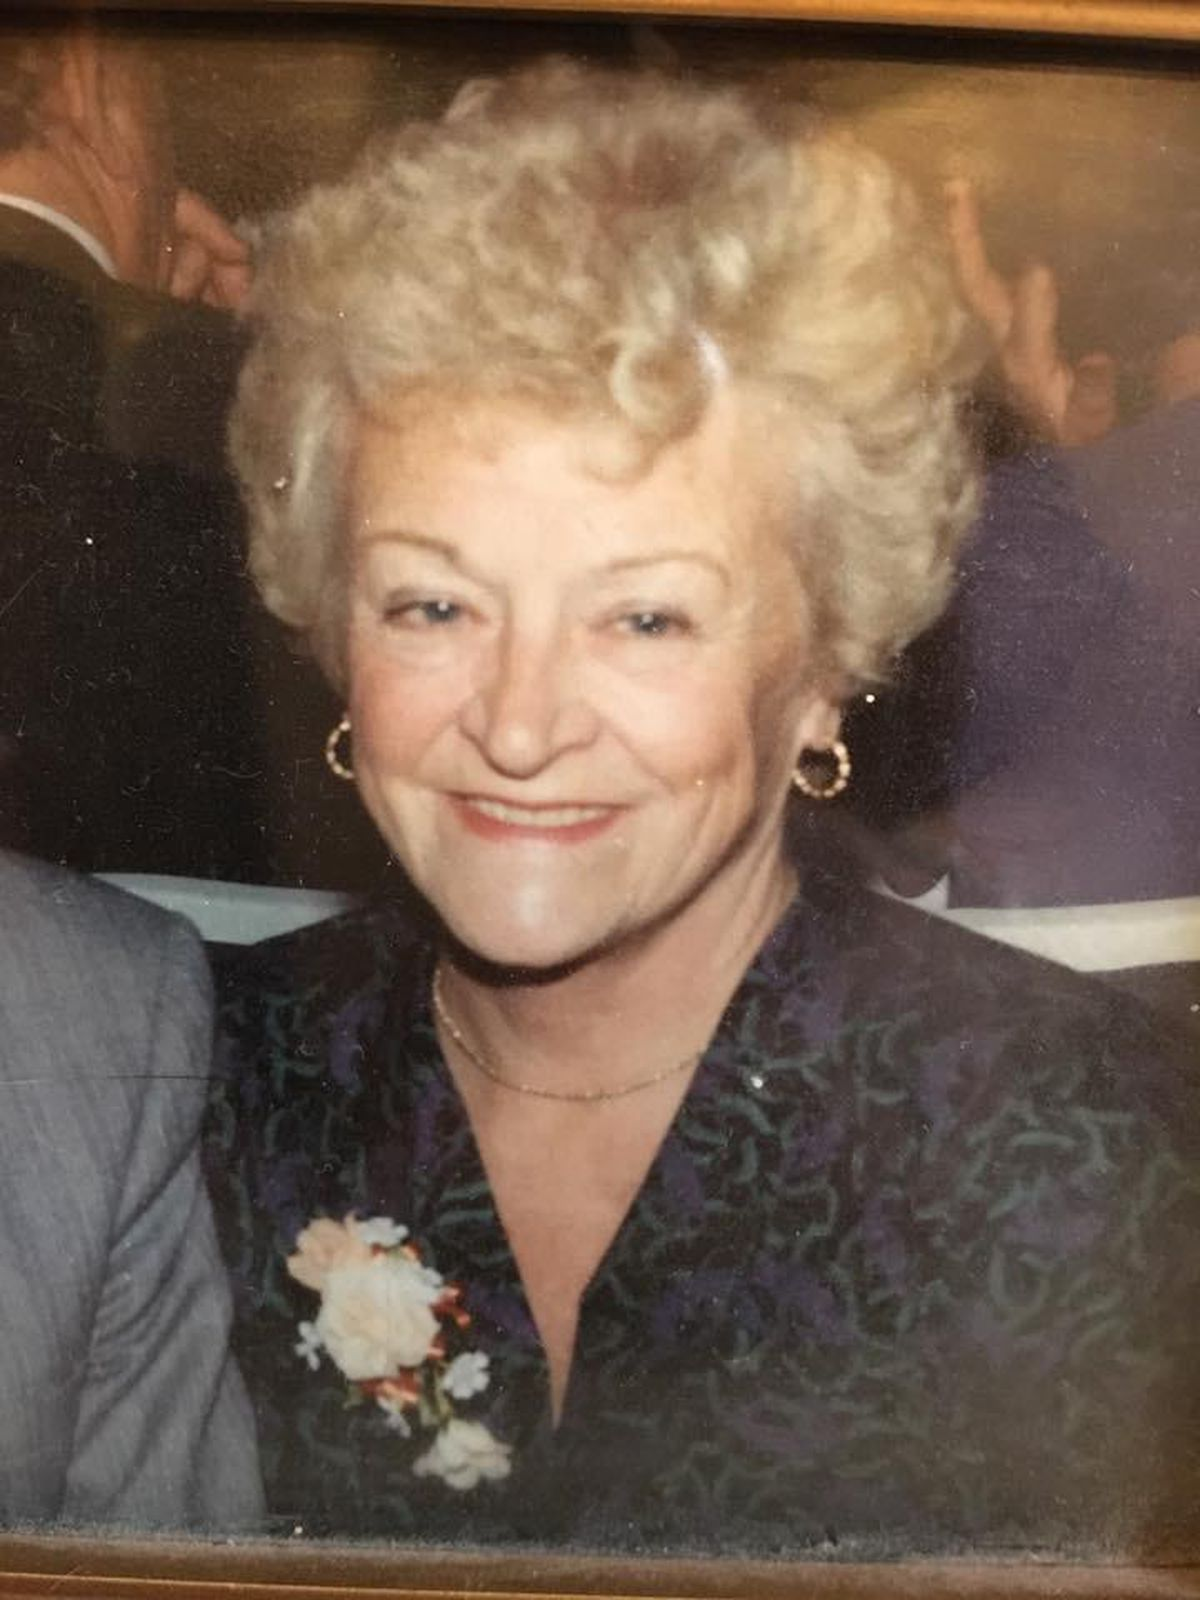 Irene, Harry's wife